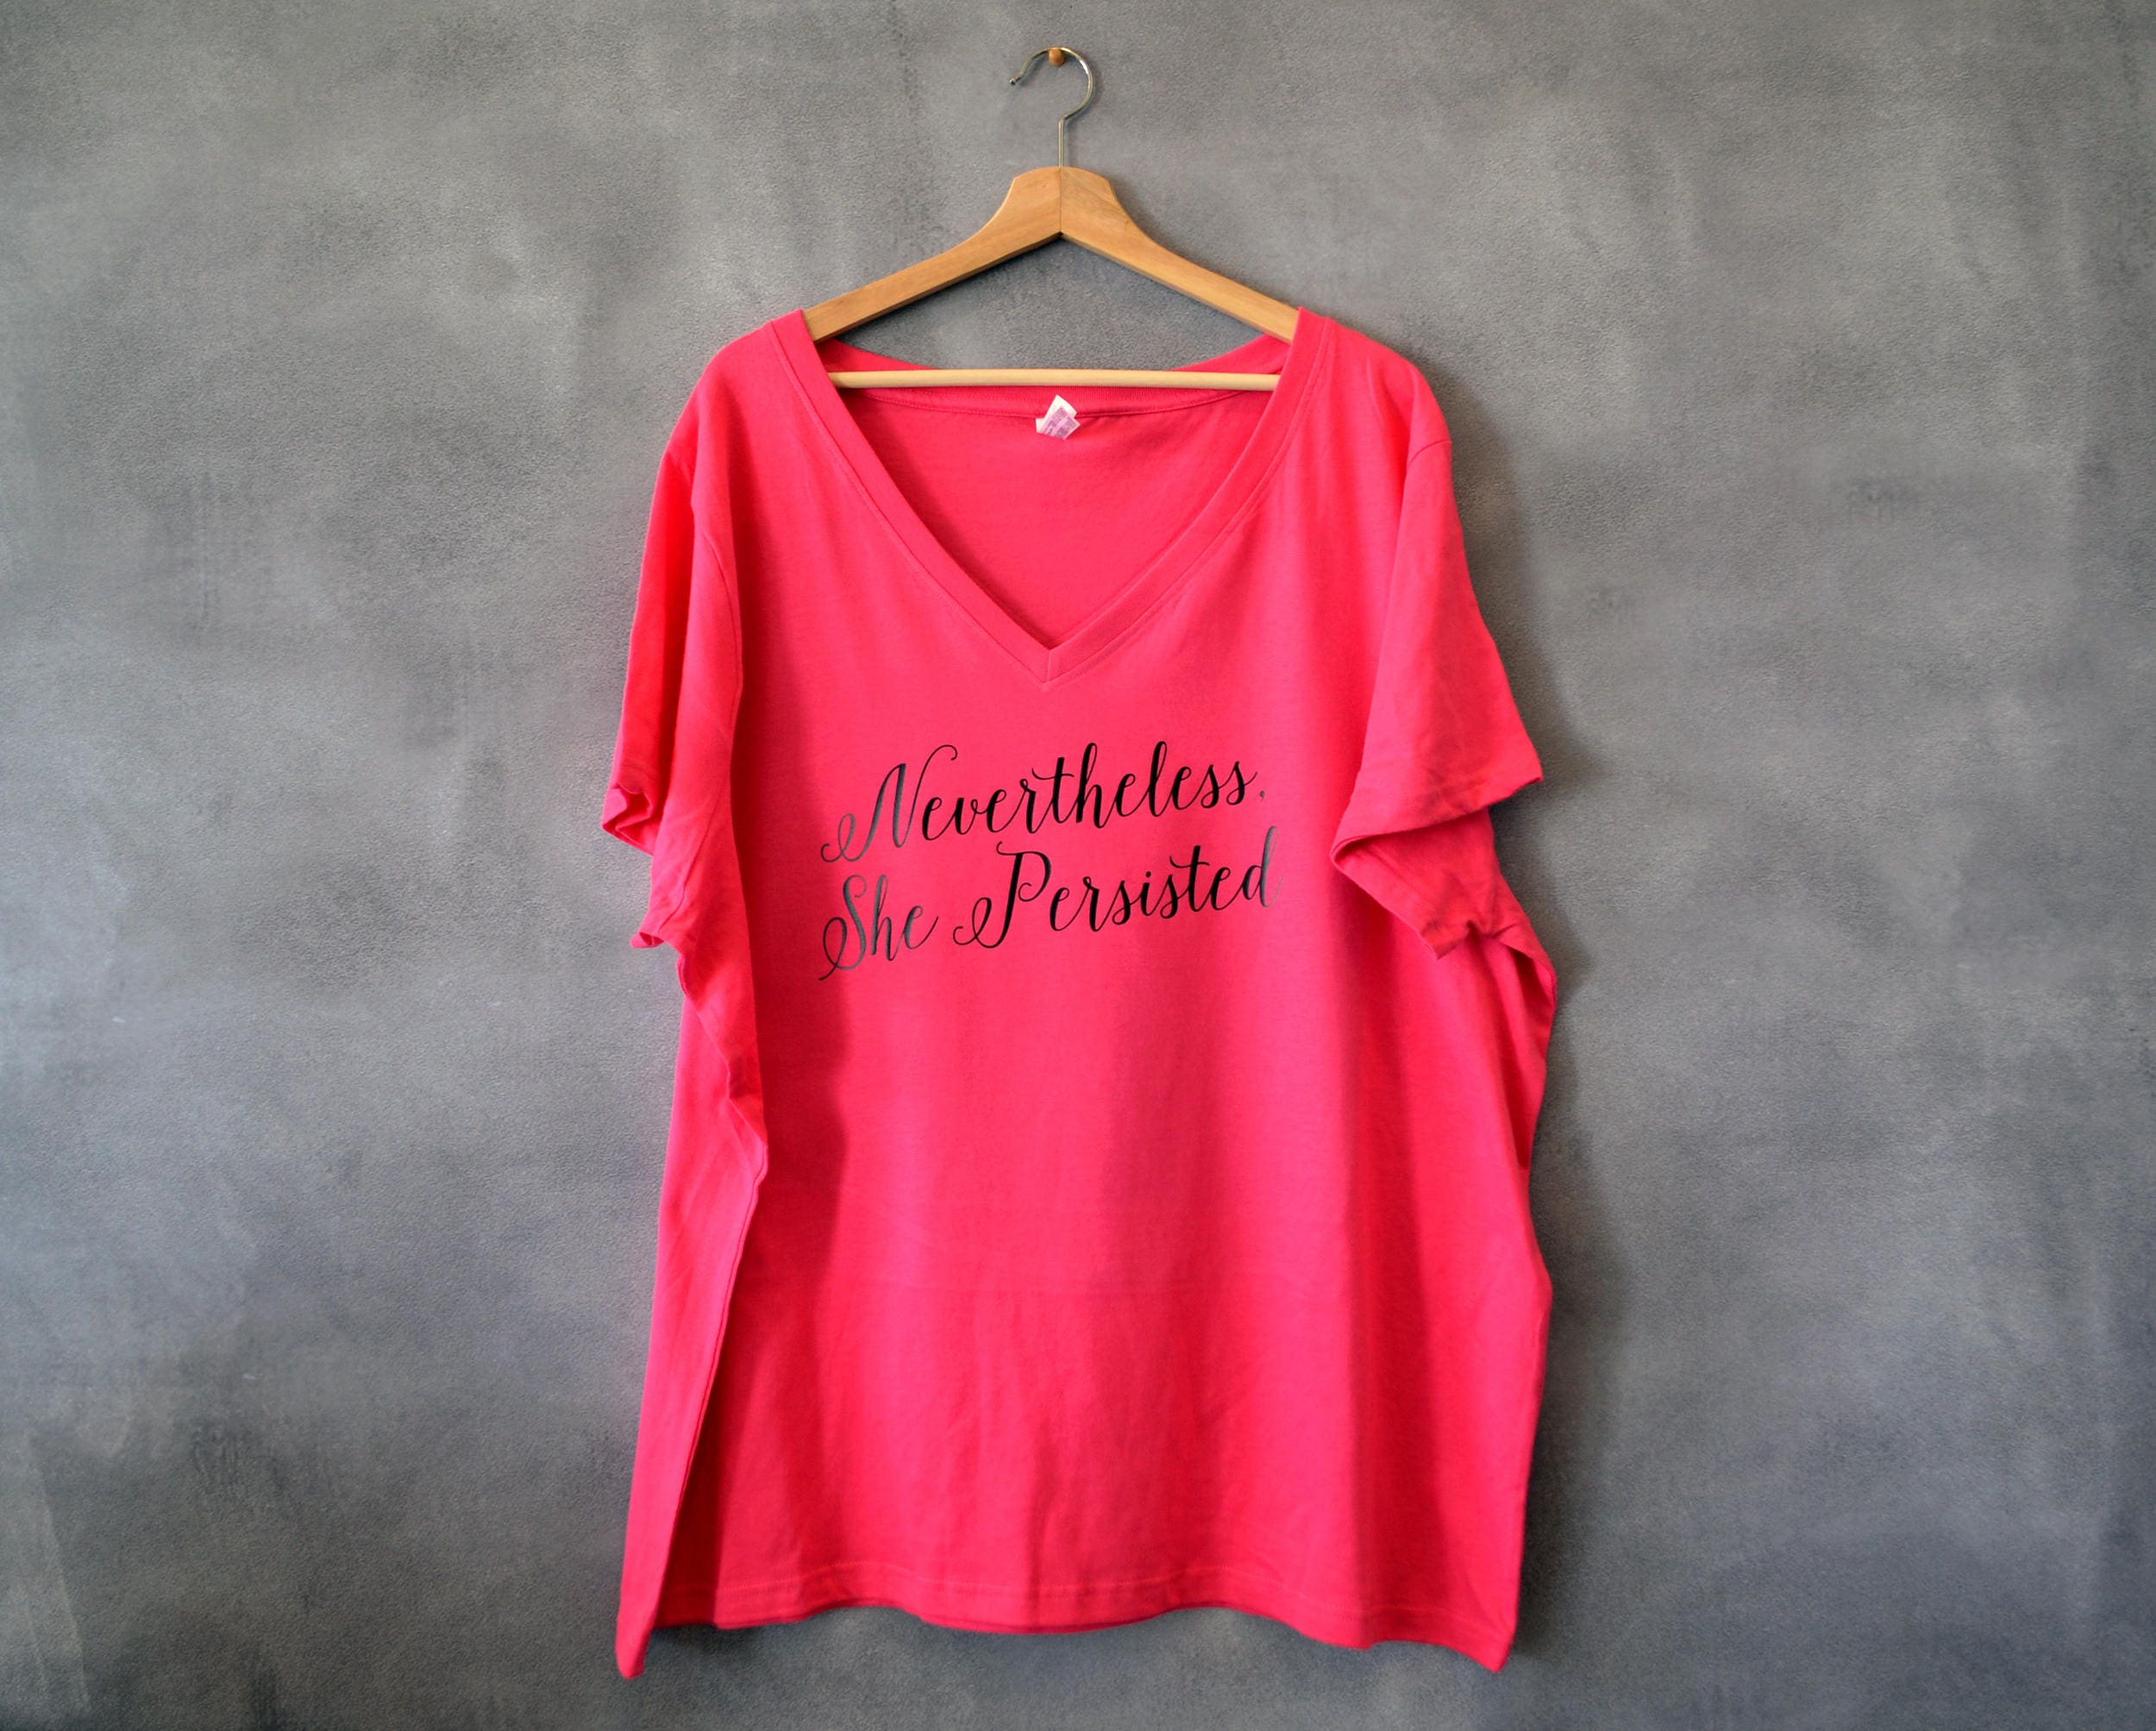 097cadd25e0 Nevertheless She Persisted V-Neck T-shirt Feminist Shirt